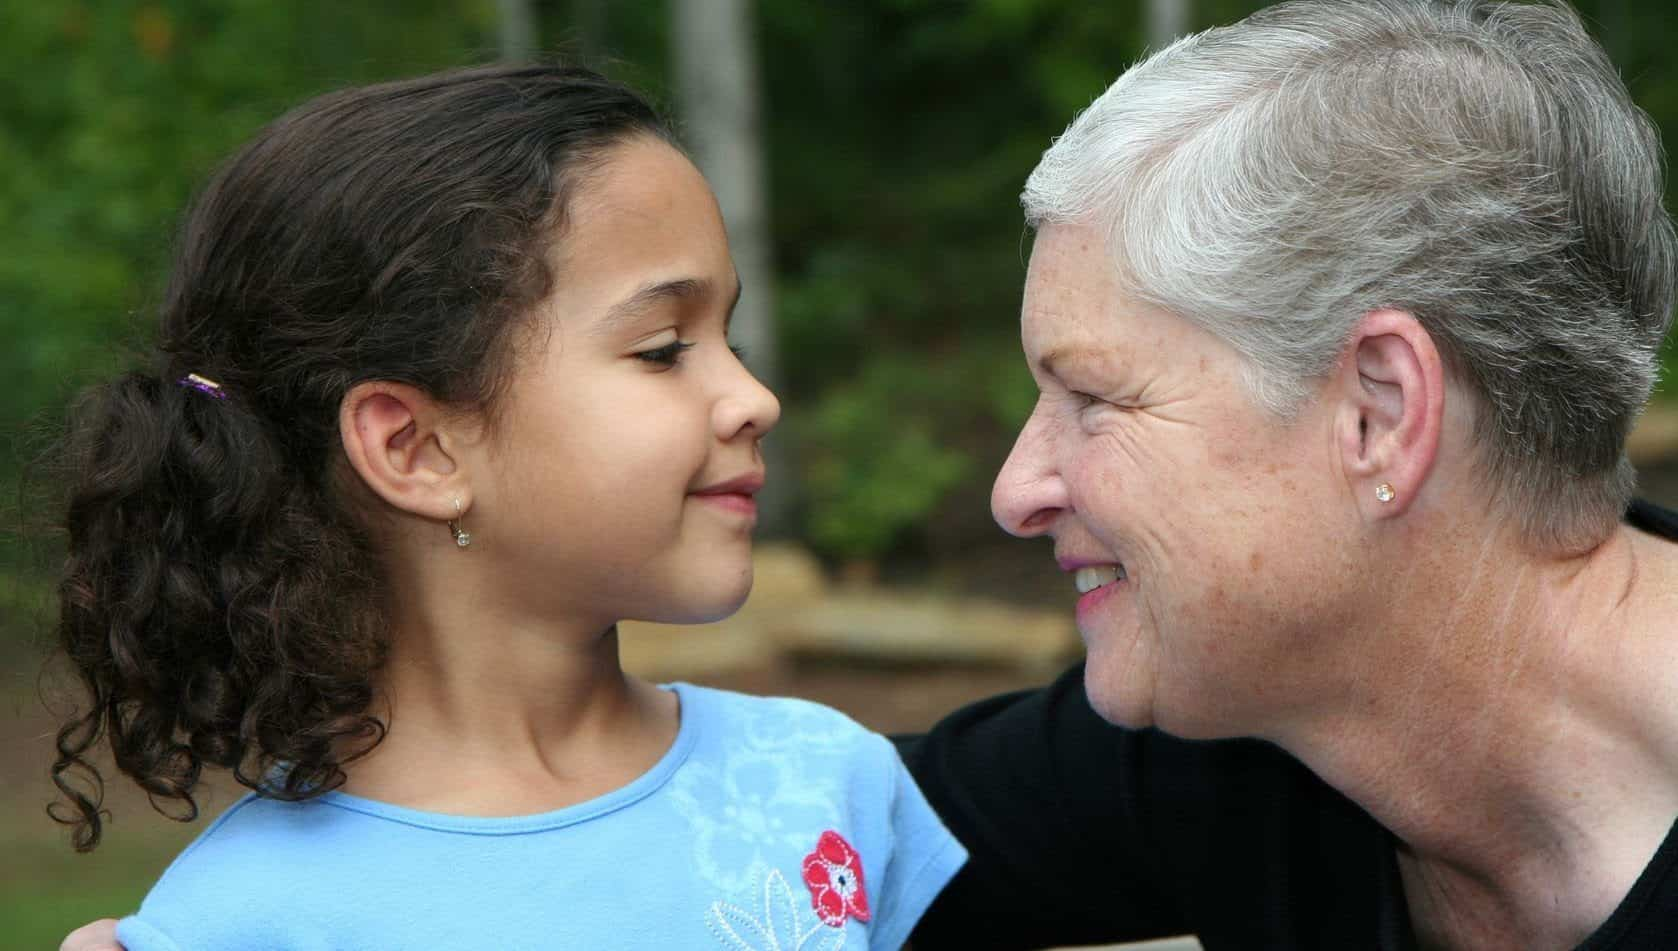 Quando atingimos um certo grau de maturidade passamos a viver a seriedade de uma criança nas experiências de um adulto.